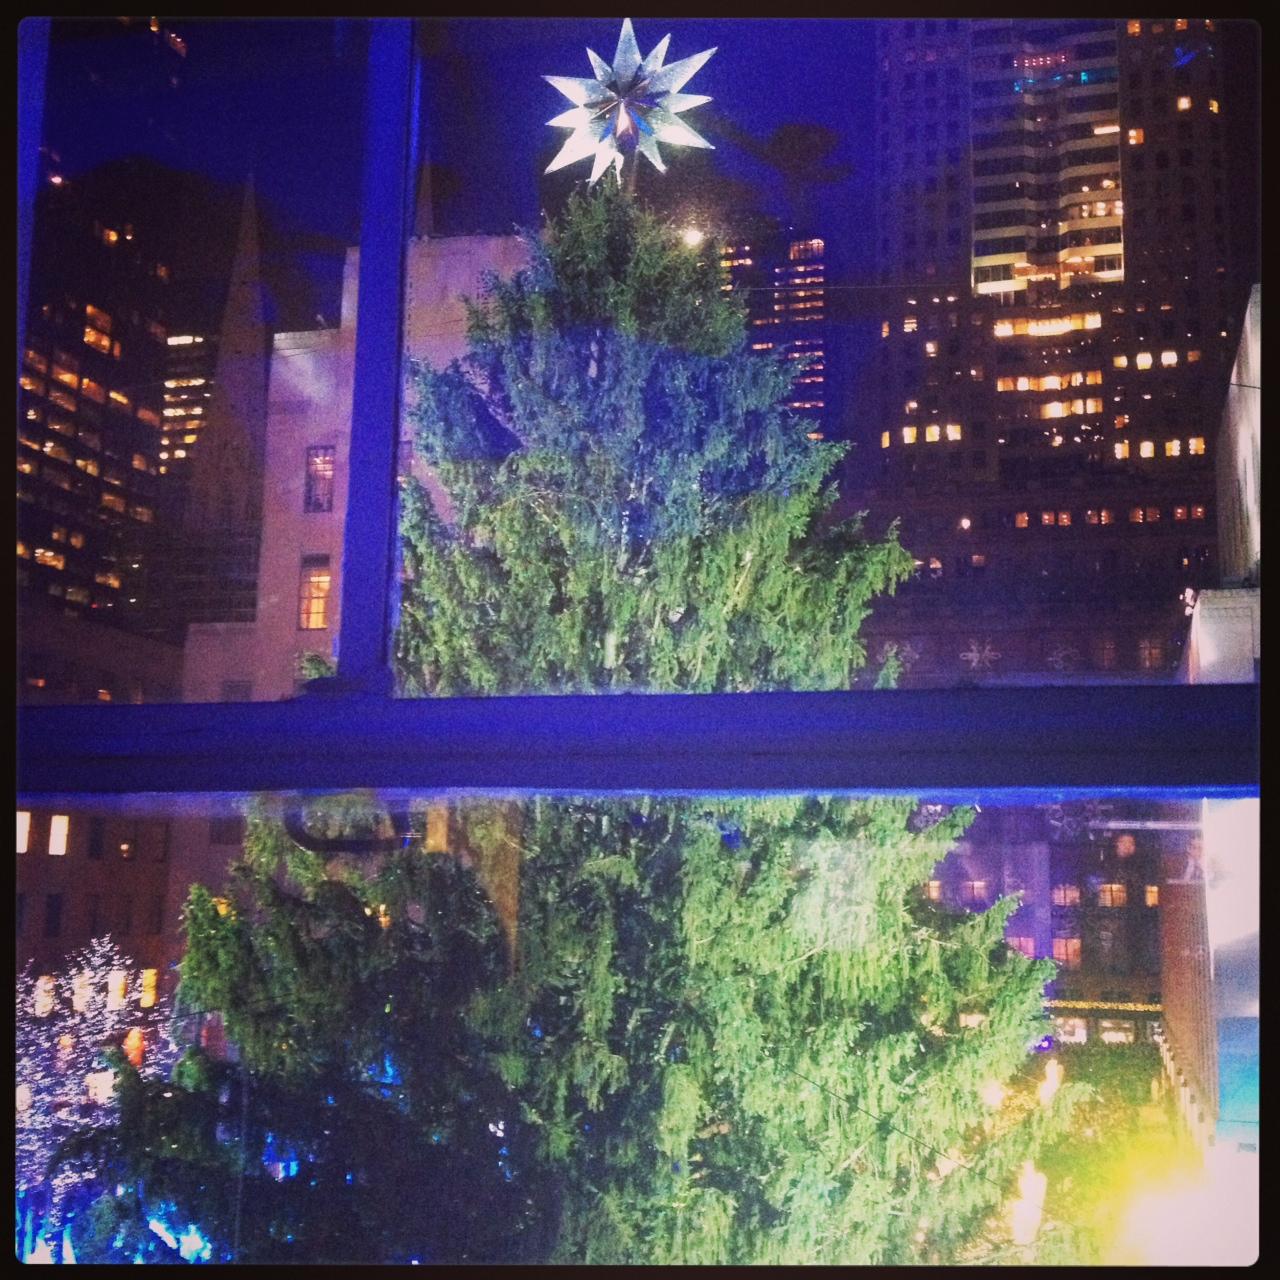 Rockefeller Center Christmas Tree 2013: Rockefeller Center Christmas Tree 2013 Lights Up